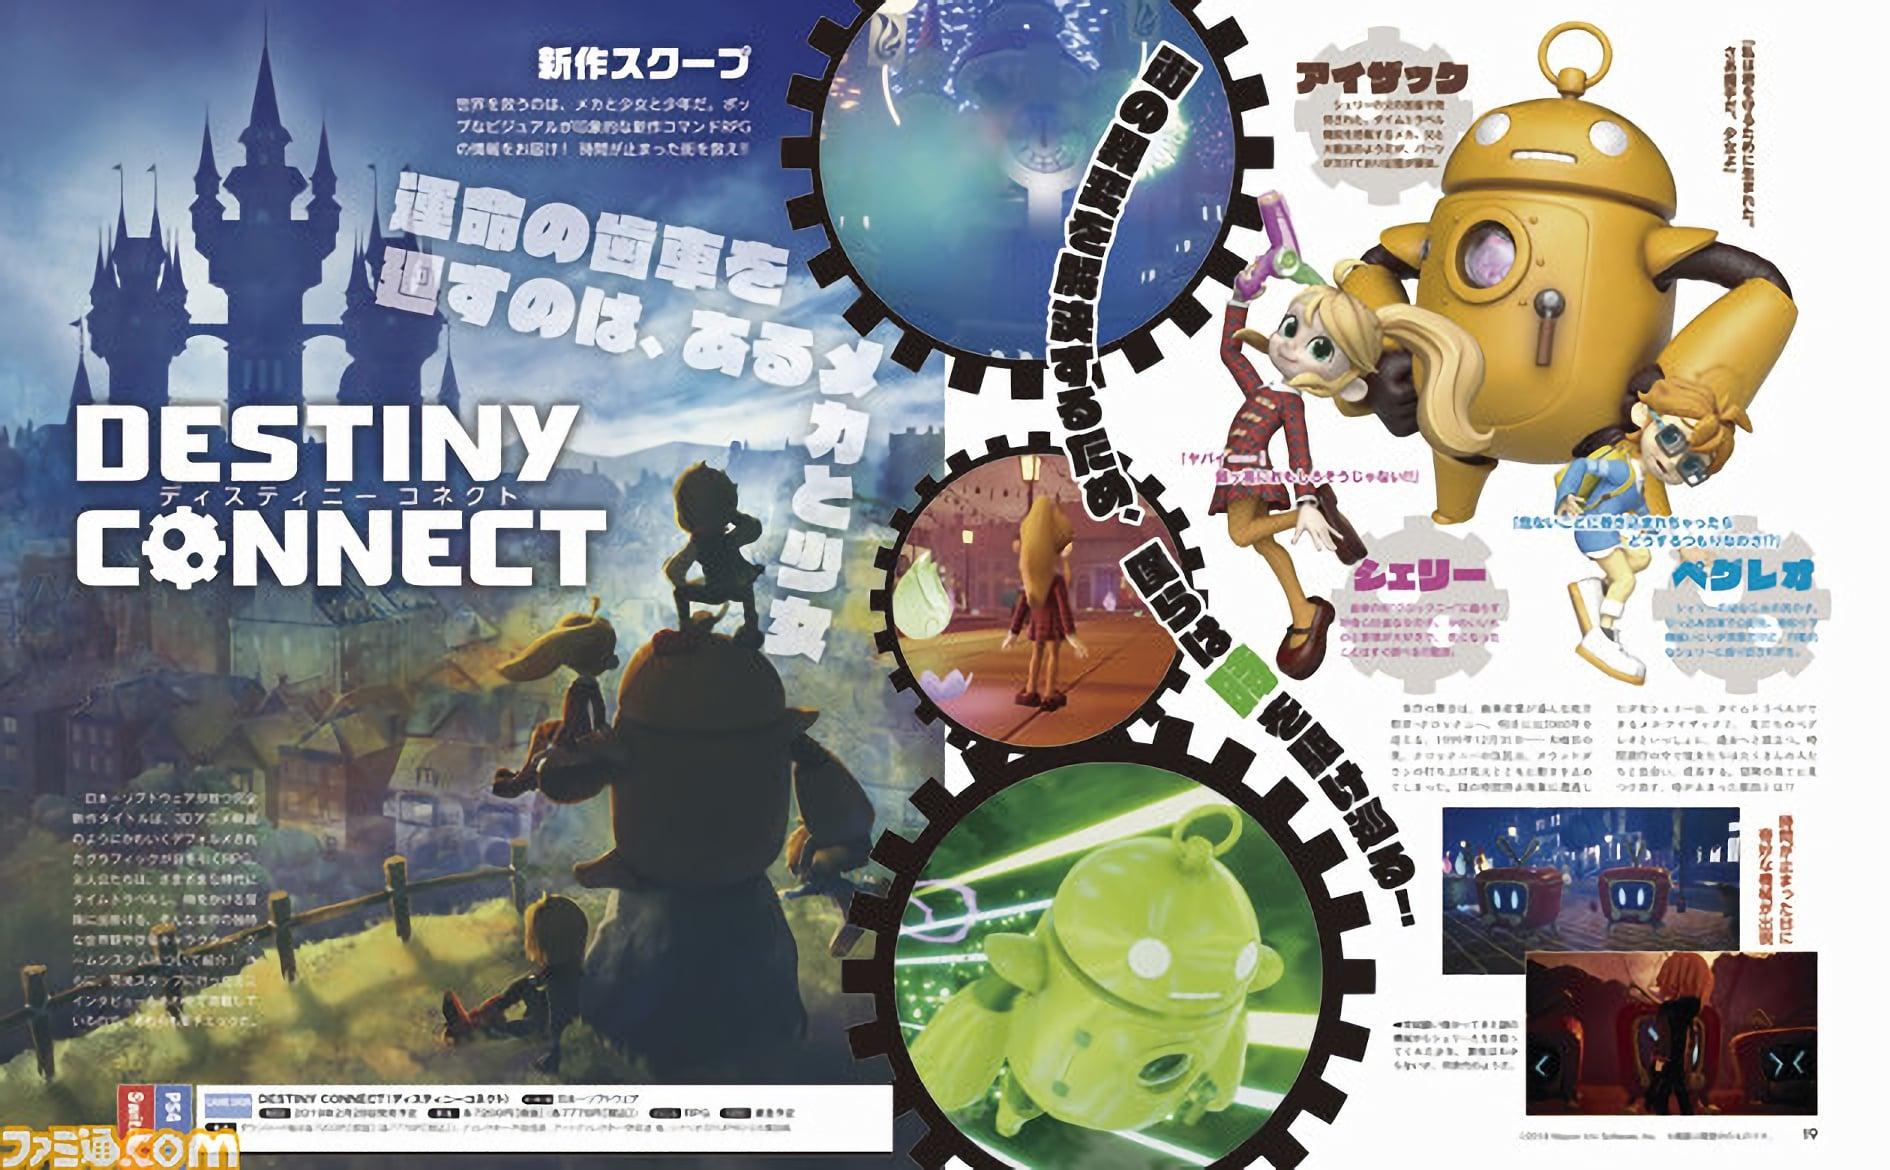 日本一RPG新游戏《宿命连接》明年登陆PS4及Switch